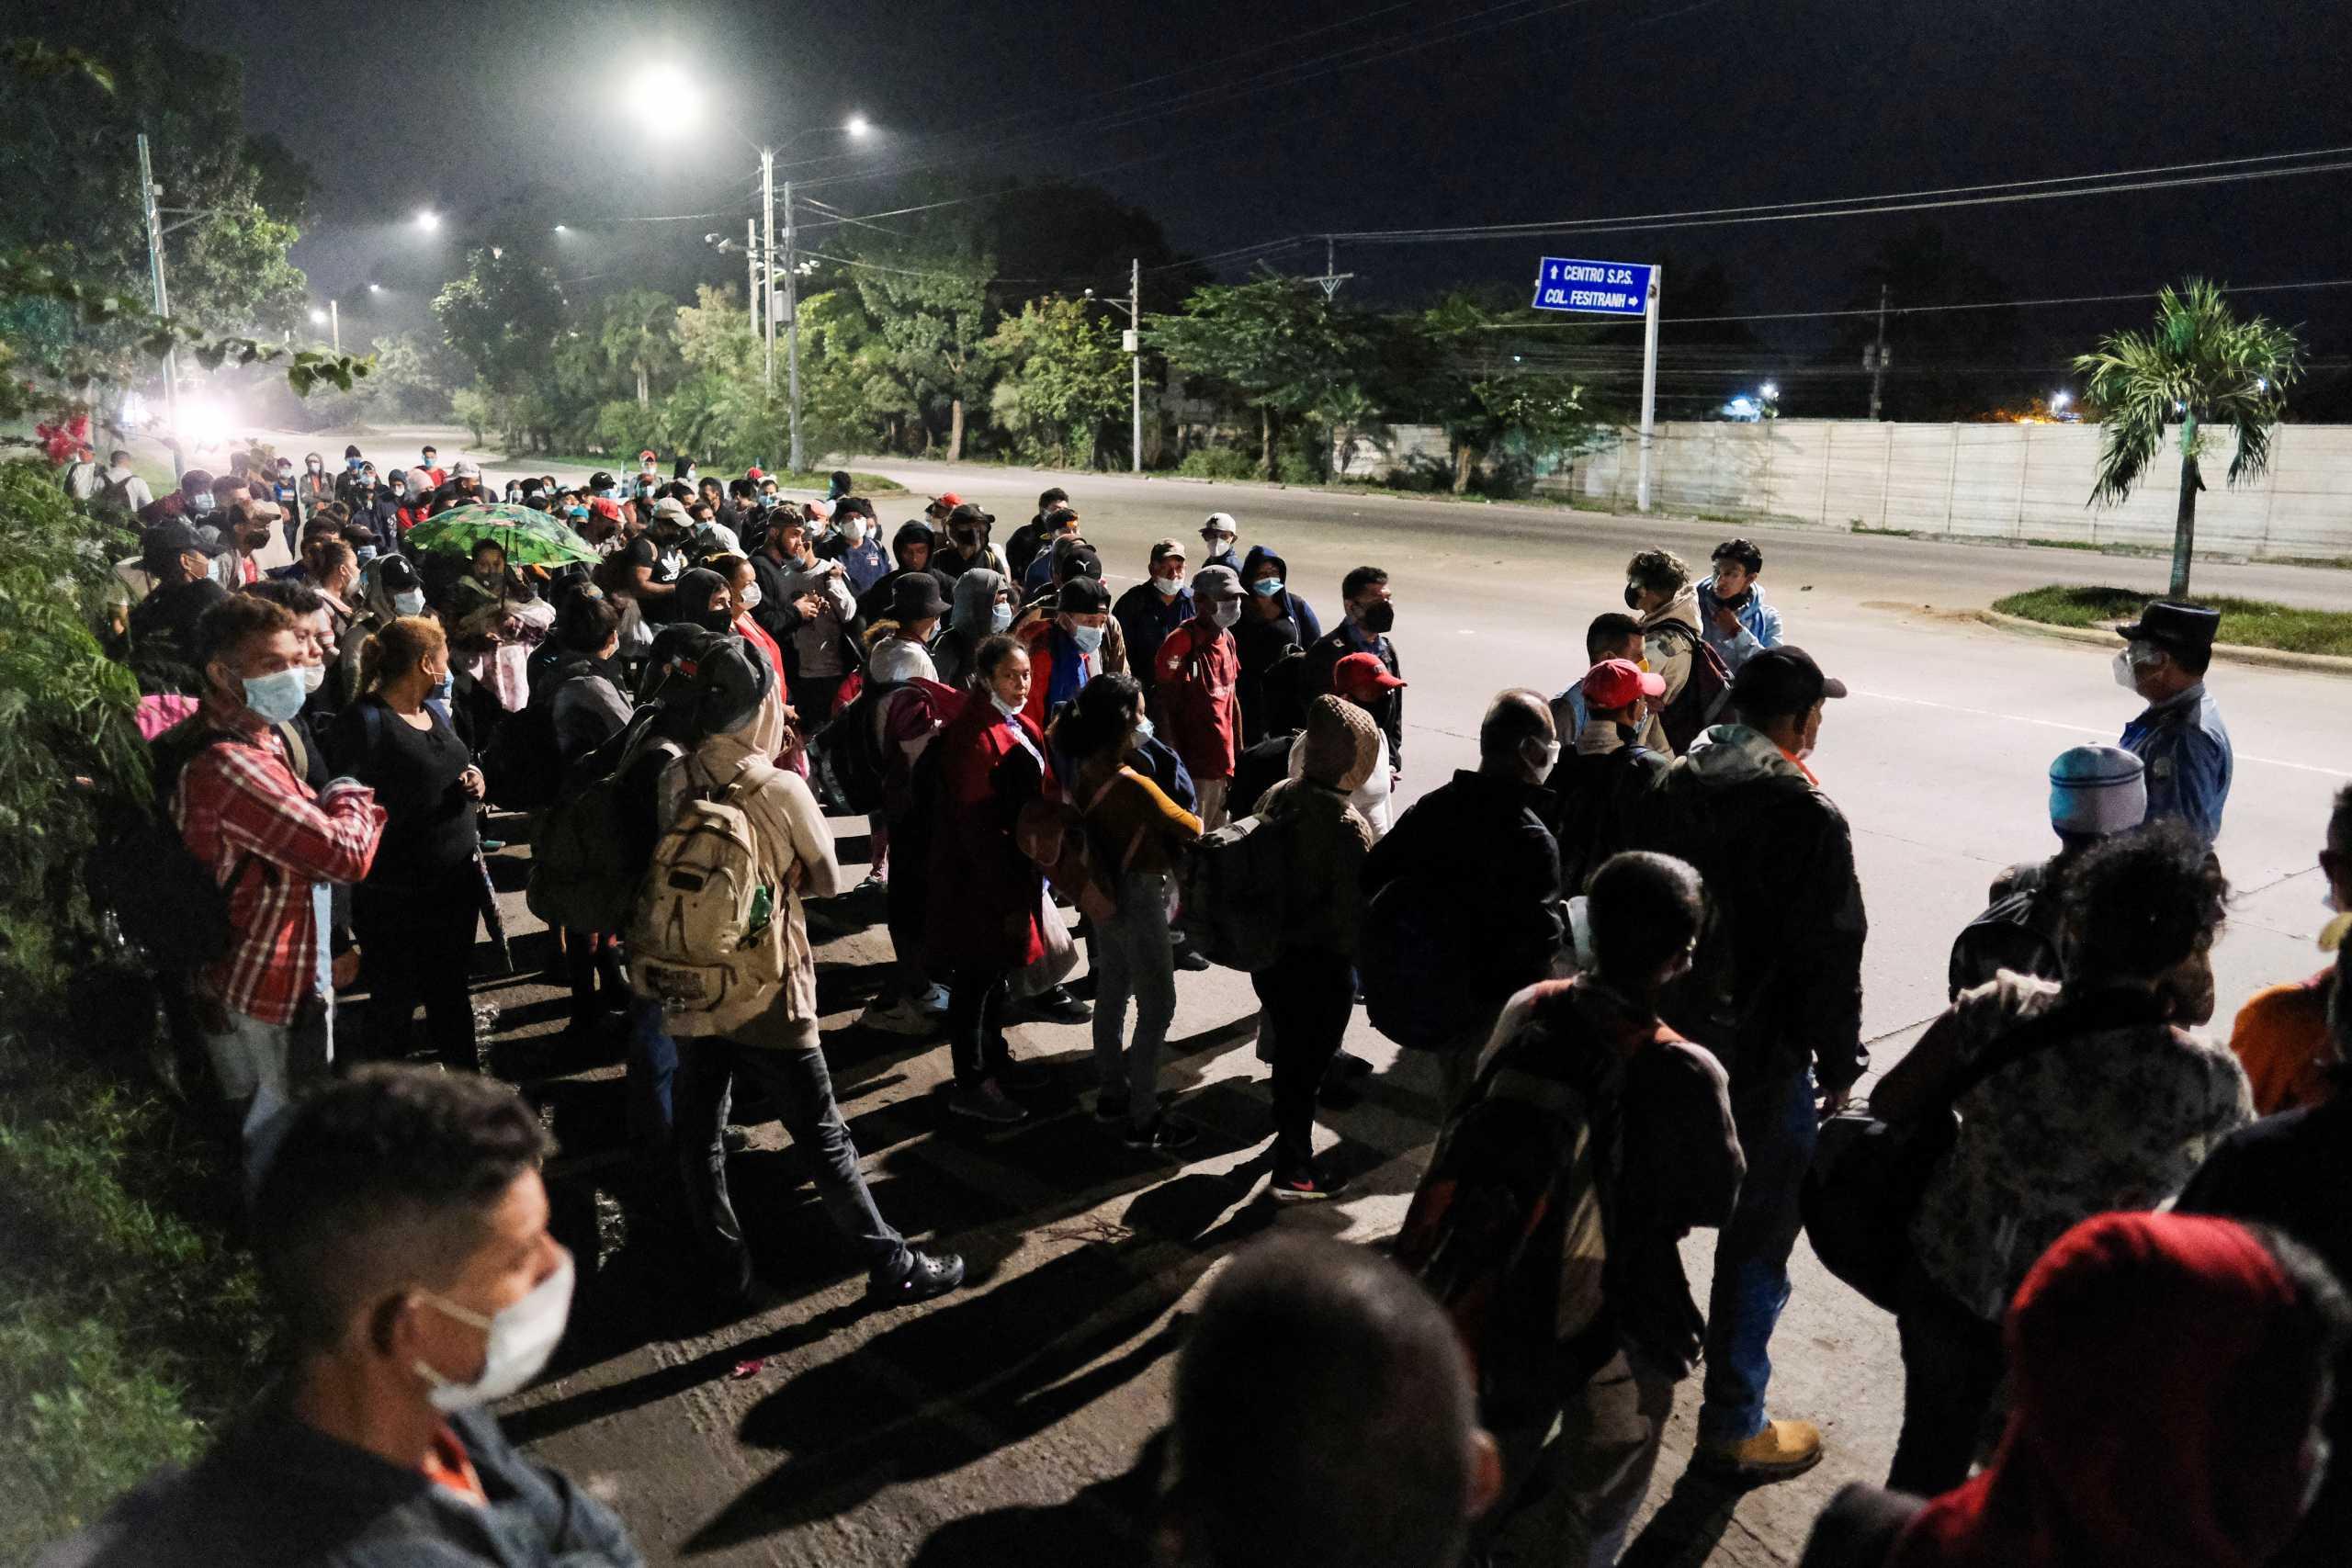 Ονδούρα: Νέο καραβάνι μεταναστών με προορισμό το «αμερικάνικο όνειρο» στις ΗΠΑ του Τζο Μπάιντεν